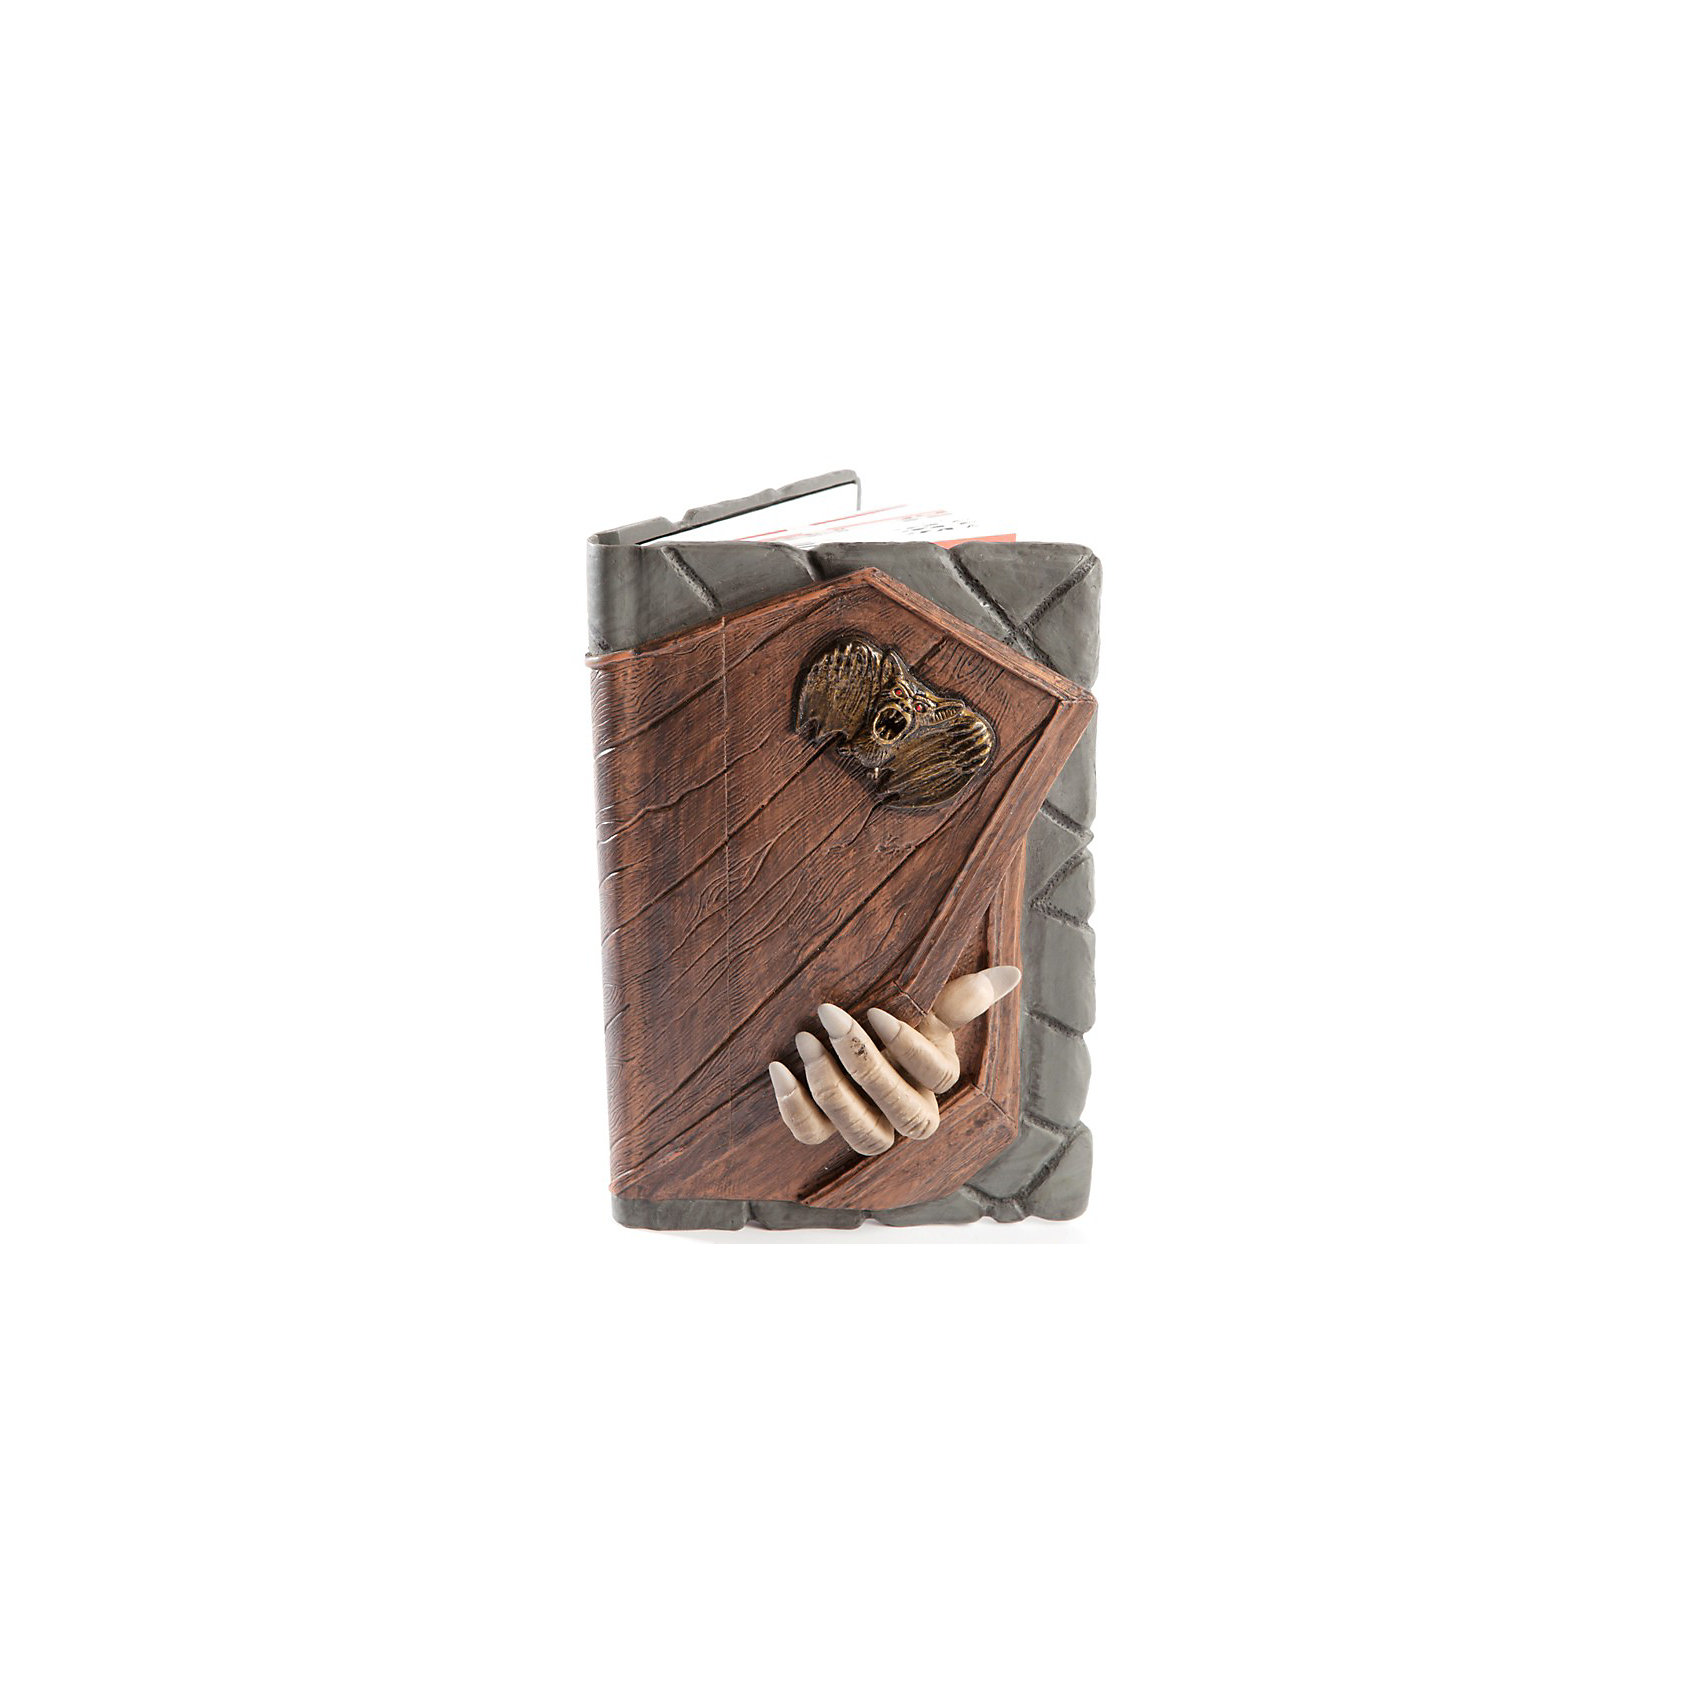 Книга Дневник вампира c 3D обложкойБумажная продукция<br>Книга Дневник вампира - необычный дневник, созданный специально для любителей тайн и магических секретов.<br><br>Трехмерная обложка, выполненная по технологии Trimensions, и таинственные иллюстрации. В результате получился великолепный подарок для любителей фильмов про вампиров и оборотней. <br><br>Осторожно, не испугайтесь!<br><br>Дополнительная информация:<br><br>- 3D обложка.<br>- Материал: бумага, картон, синт. материалы.<br>- Формат: 14 х 21 х 4 см.<br><br>В принципе, это просто дневничок для записи секретов, но такой эффектной трехмерной обложки вы еще не встречали. Да и не встретите в ближайшее время!<br><br>Ширина мм: 140<br>Глубина мм: 40<br>Высота мм: 210<br>Вес г: 500<br>Возраст от месяцев: 72<br>Возраст до месяцев: 144<br>Пол: Мужской<br>Возраст: Детский<br>SKU: 3279076